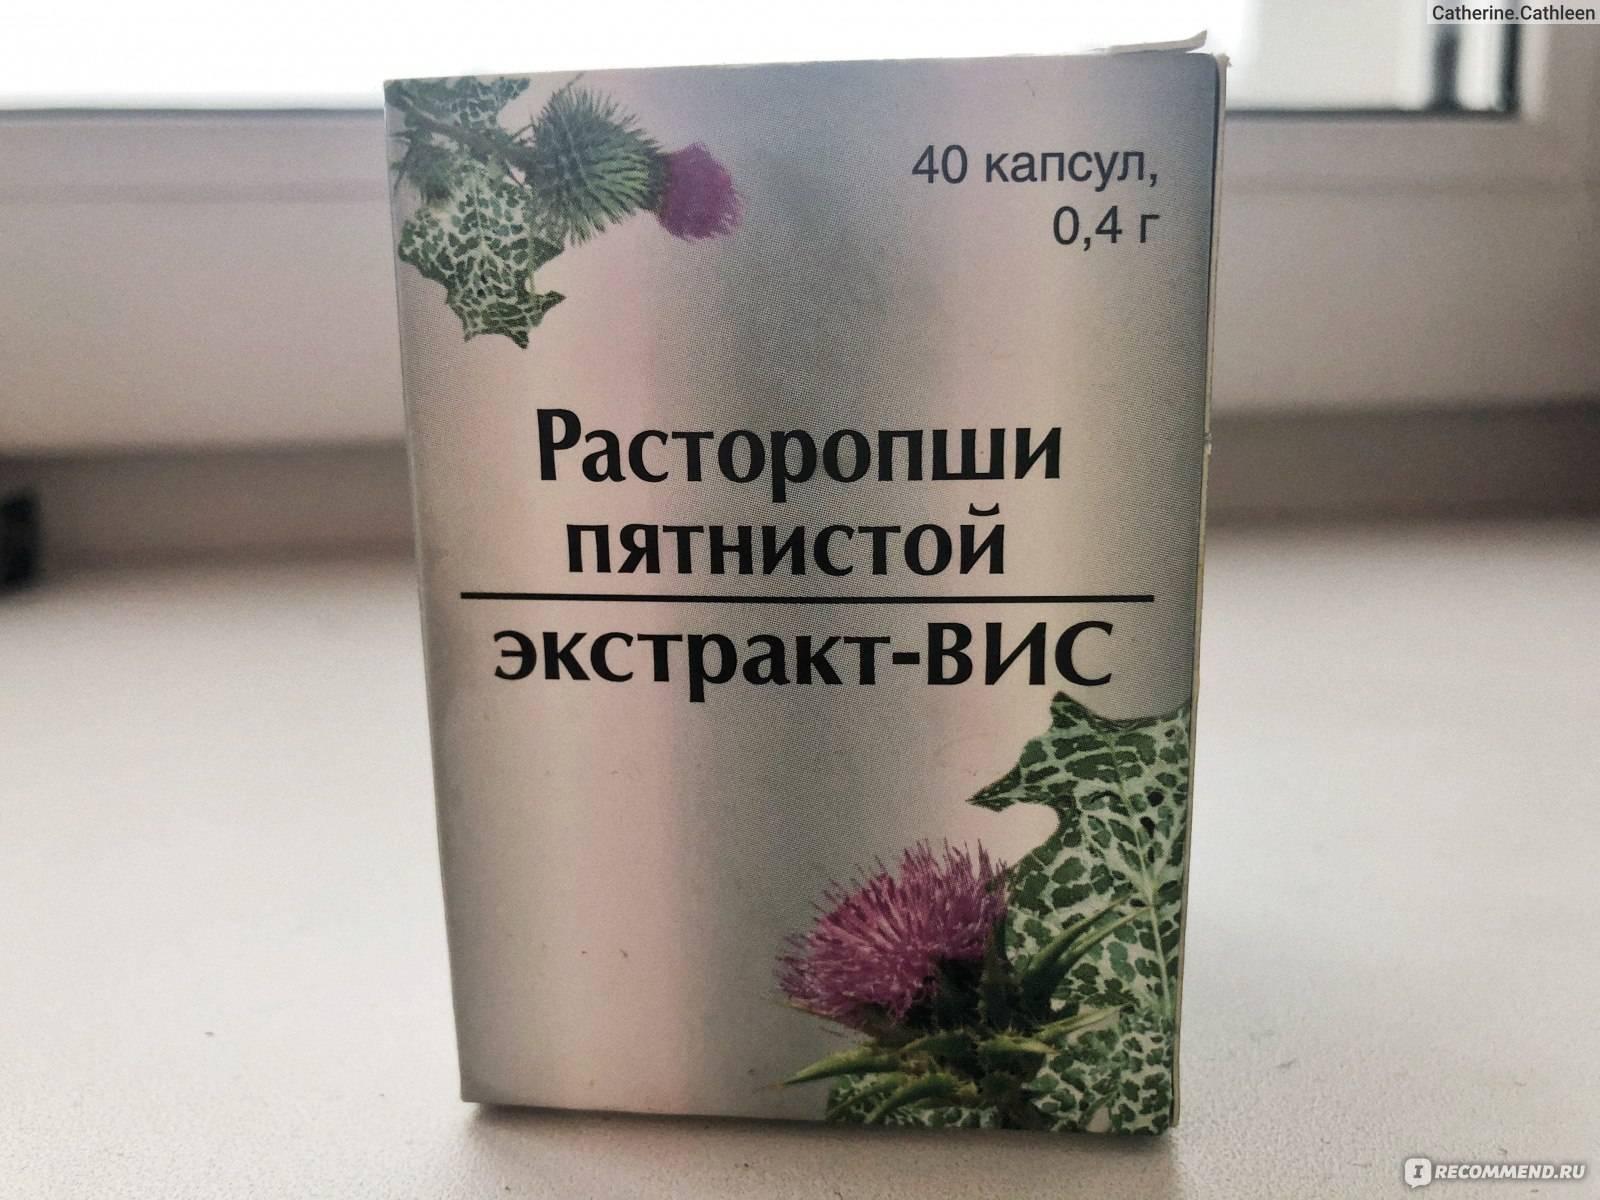 Расторопша (чертополох) - фото, свойства, препараты растороши, бад нсп в капсулах.